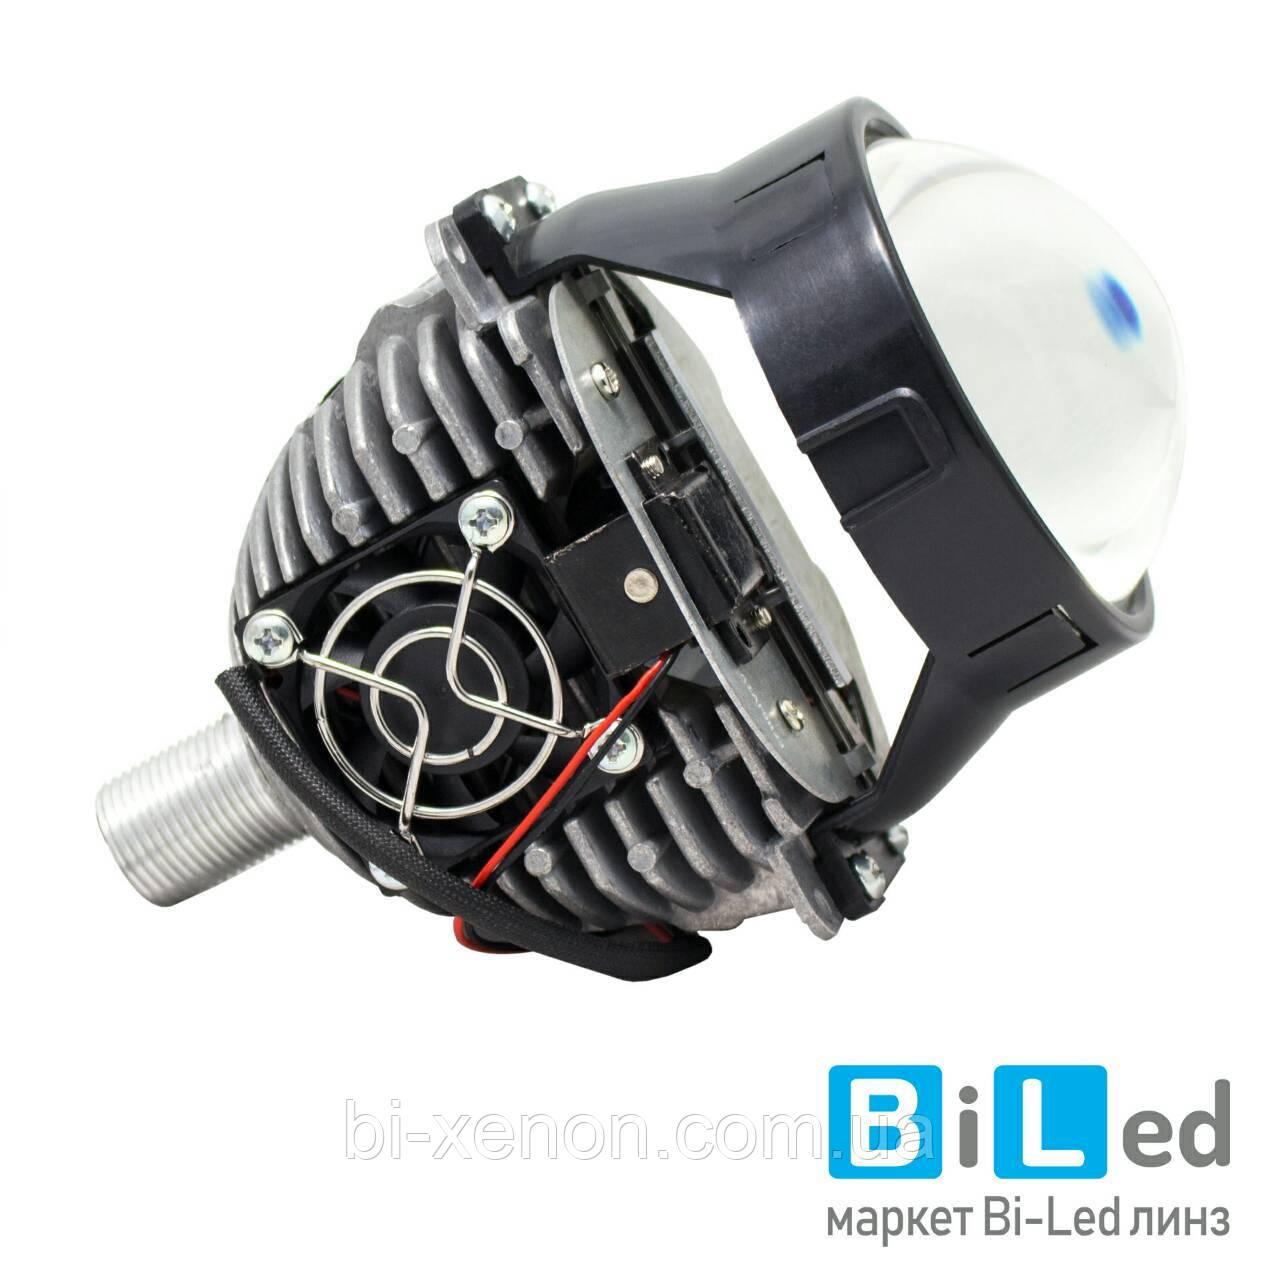 """Светодиодные линзы BiLed A1 (Infolight) 3"""" BiLED Lens."""